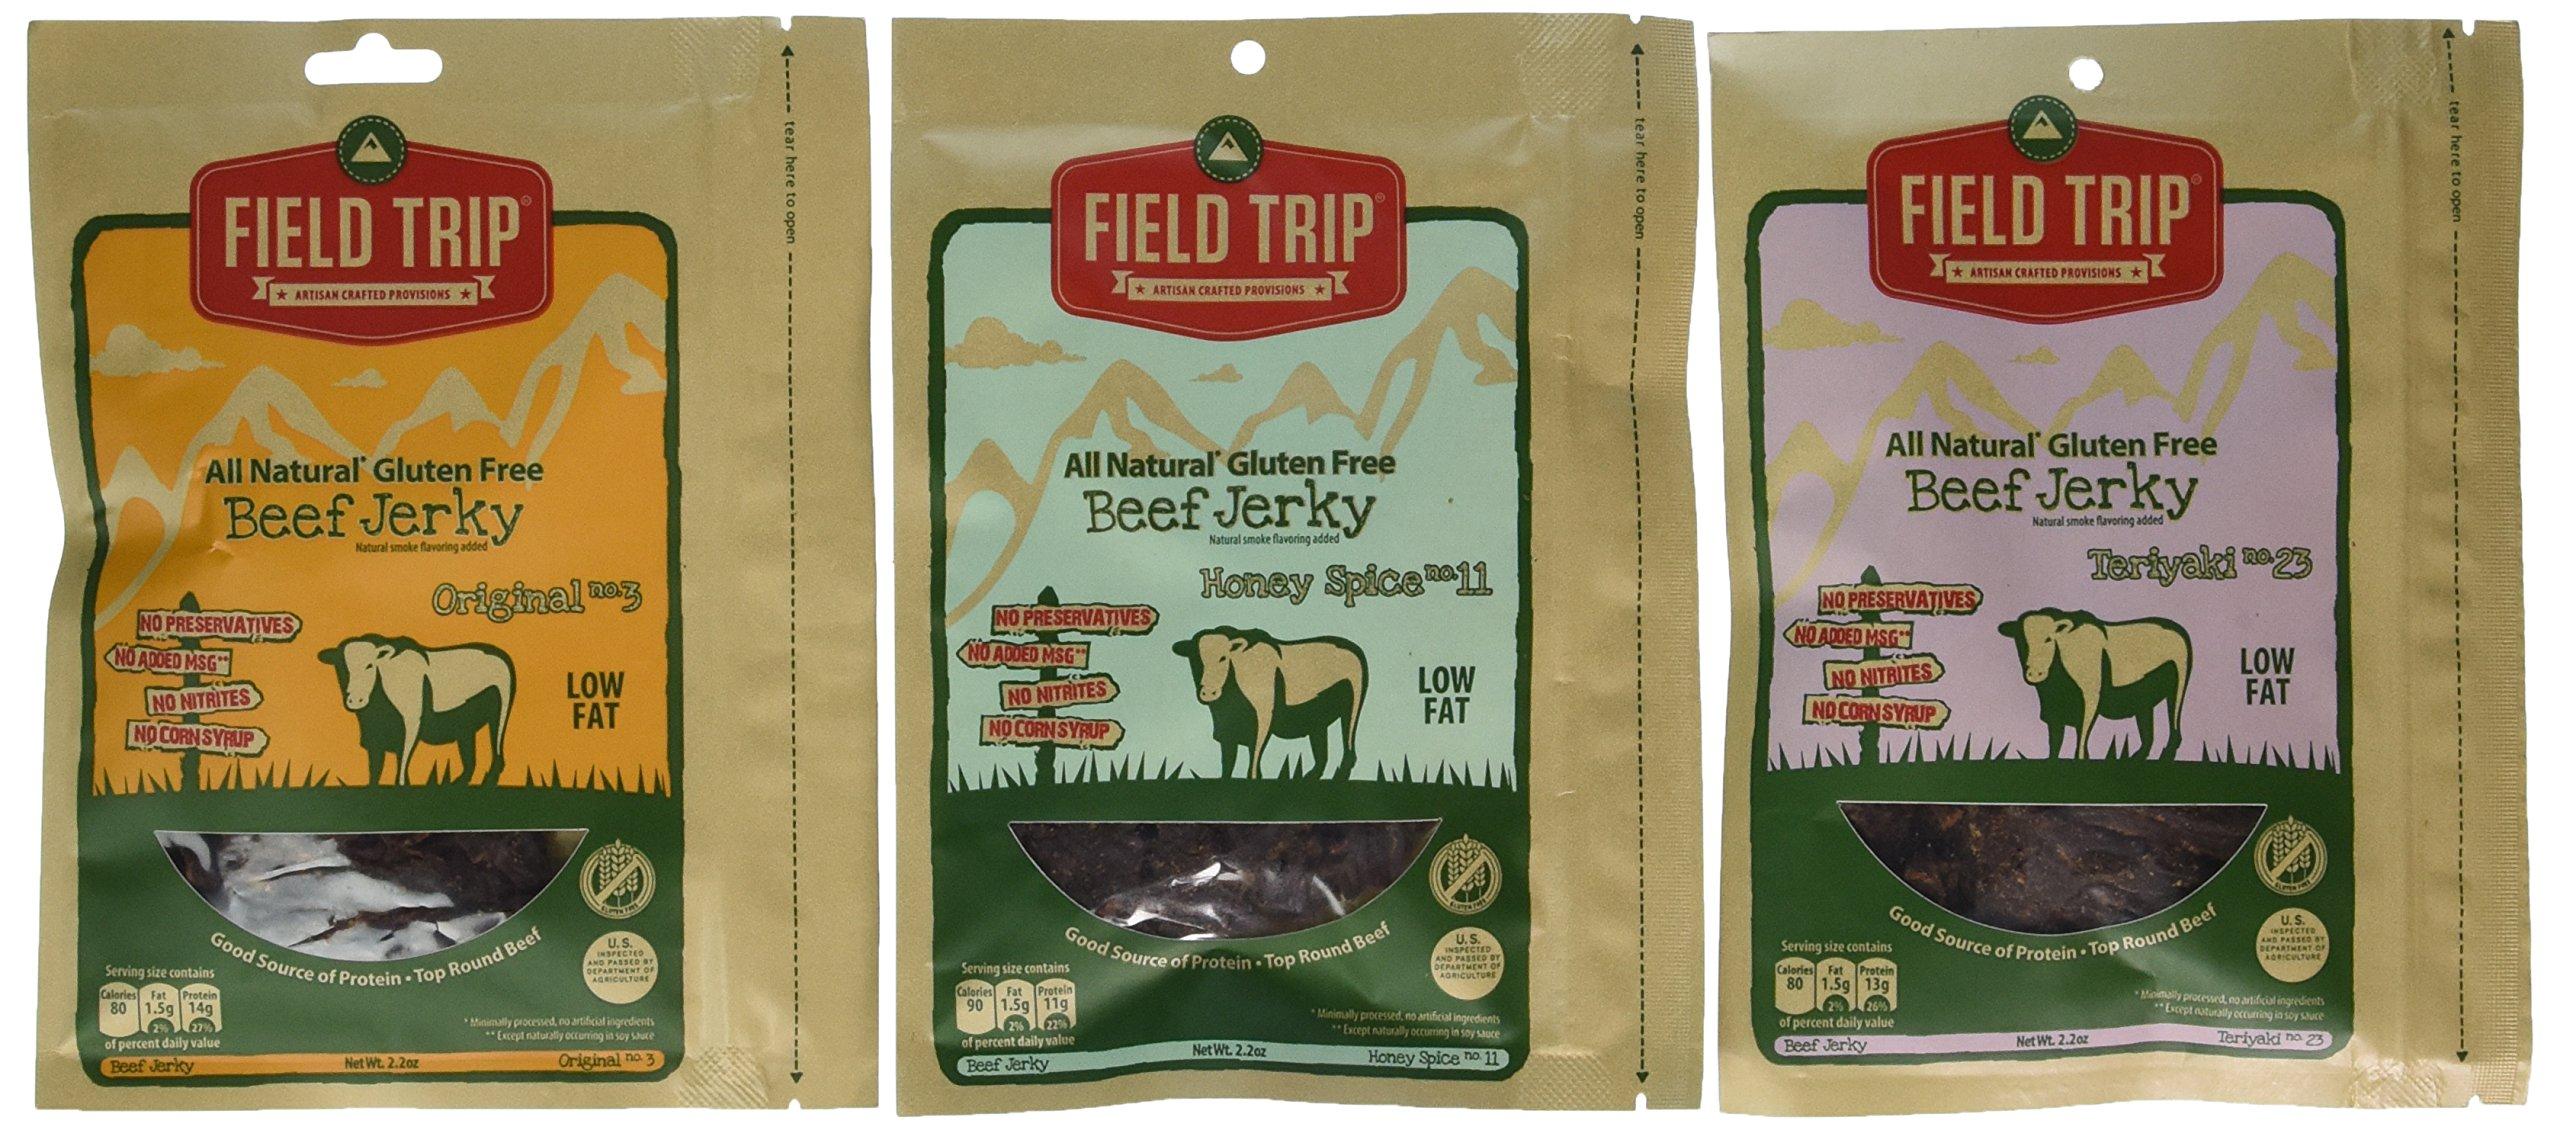 FIELD TRIP Best Sellers Variety Bundle, All Natural Gluten Free Beef Jerky, Teriyaki #23 + Honey Spice #11 + Original #3